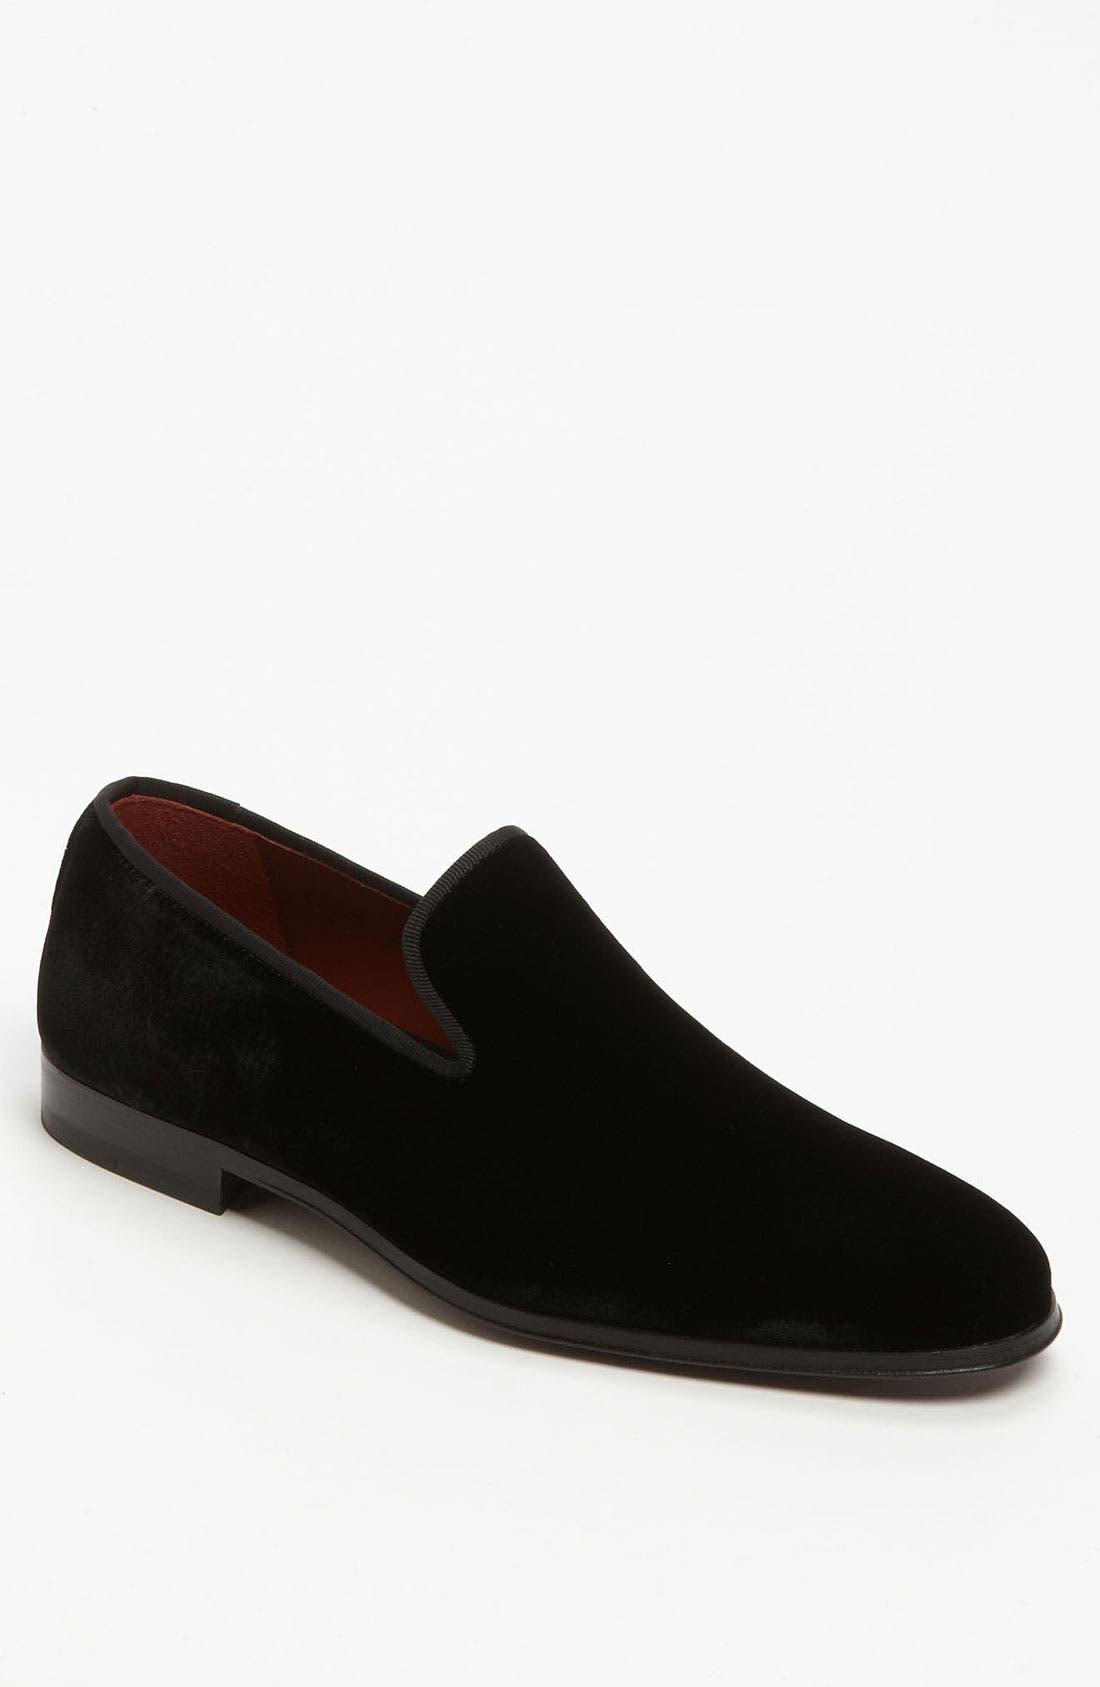 Magnanni 'Dorio' Velvet Venetian Loafer